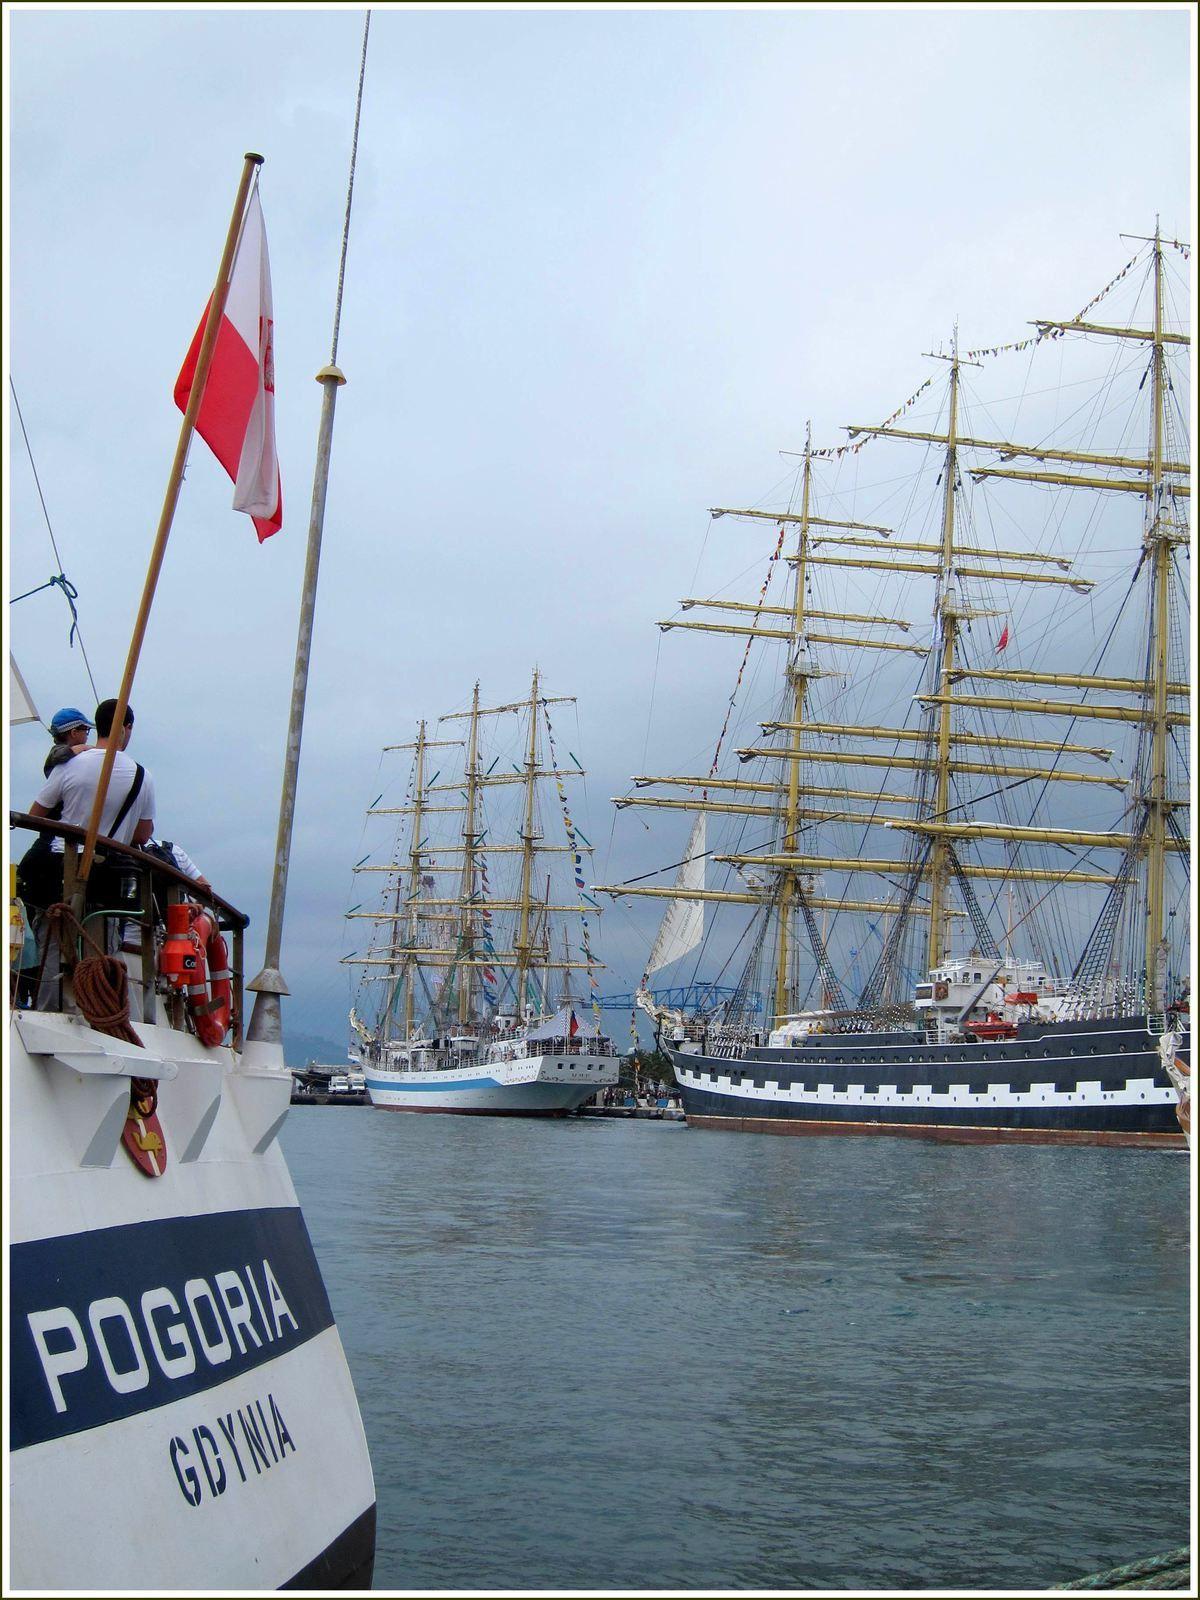 021- Rencontres bateaux au fil de l'eau 9ème photos voiliers de légende Toulon 29 09 2013